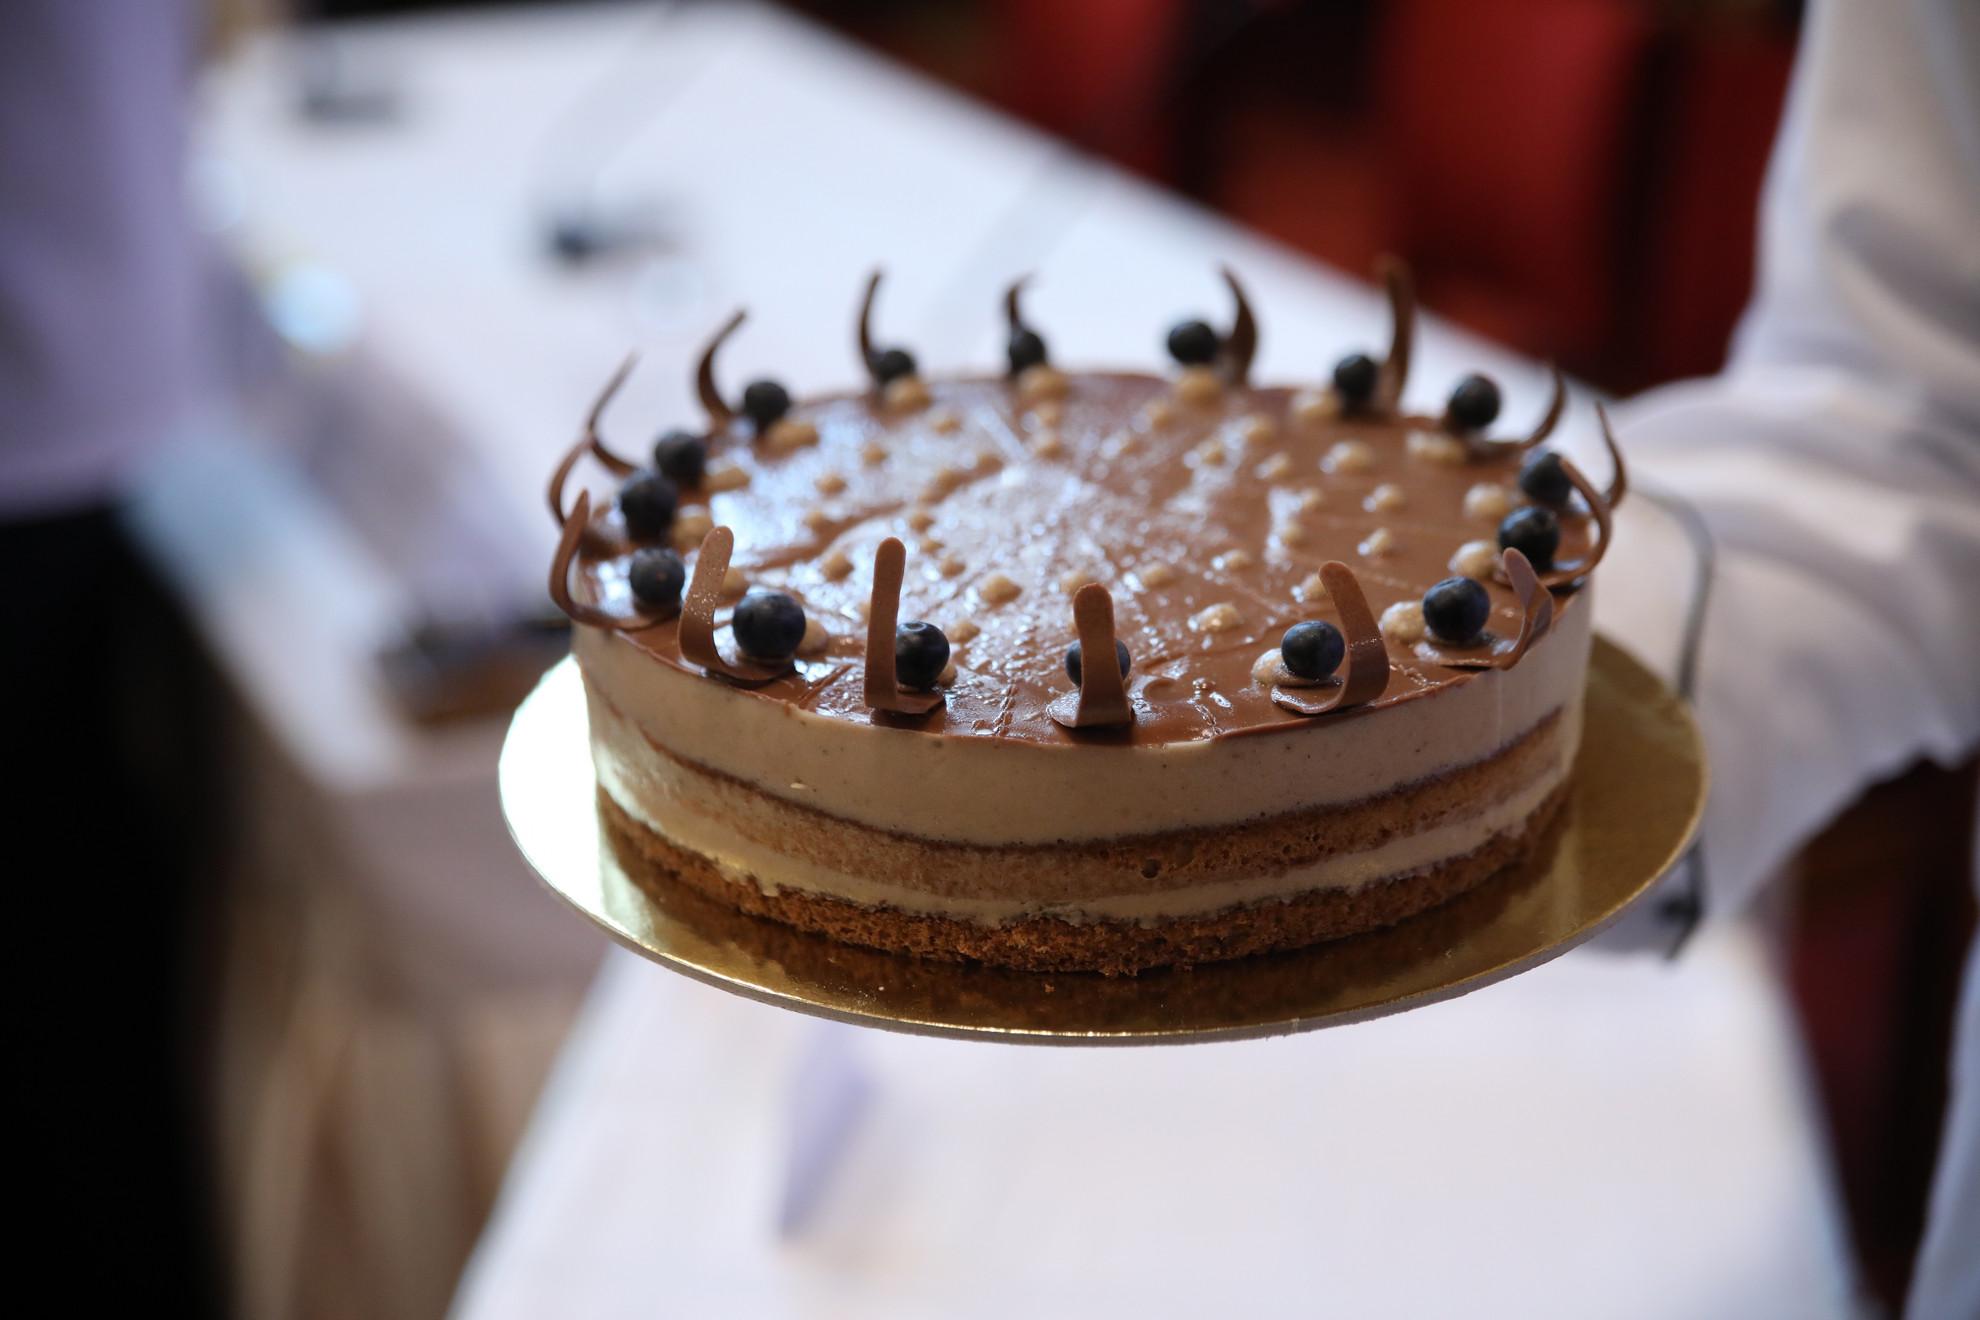 Magyarország cukormentes tortája a szegedi A Cappella Cukrászda alkotása, a Kicsi gesztenye lett